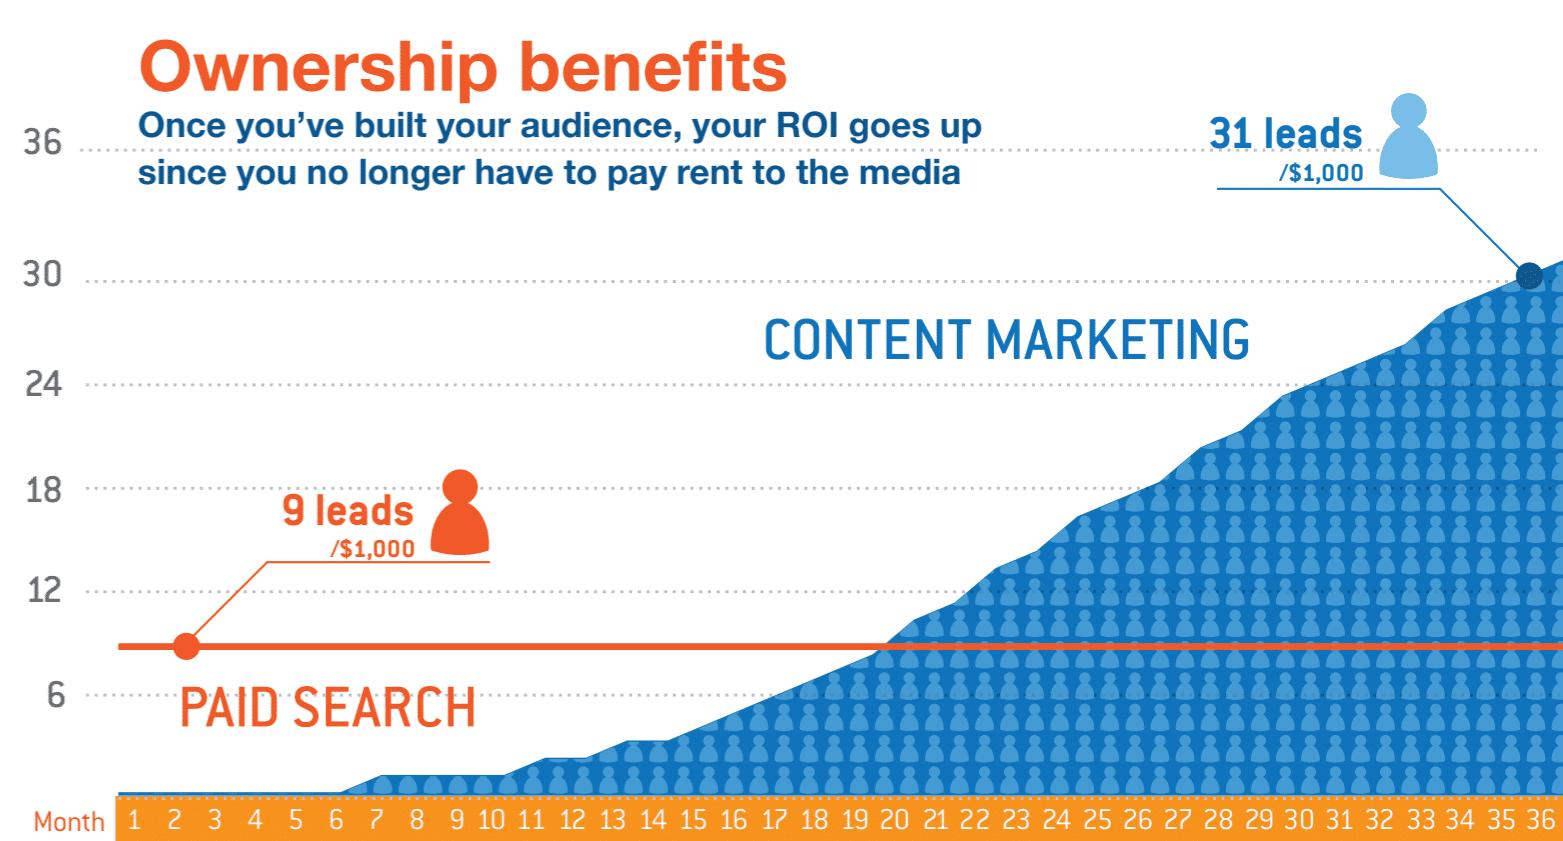 Contenido de marketing vs búsqueda pagada (Fuente de la Imagen: Oracle)